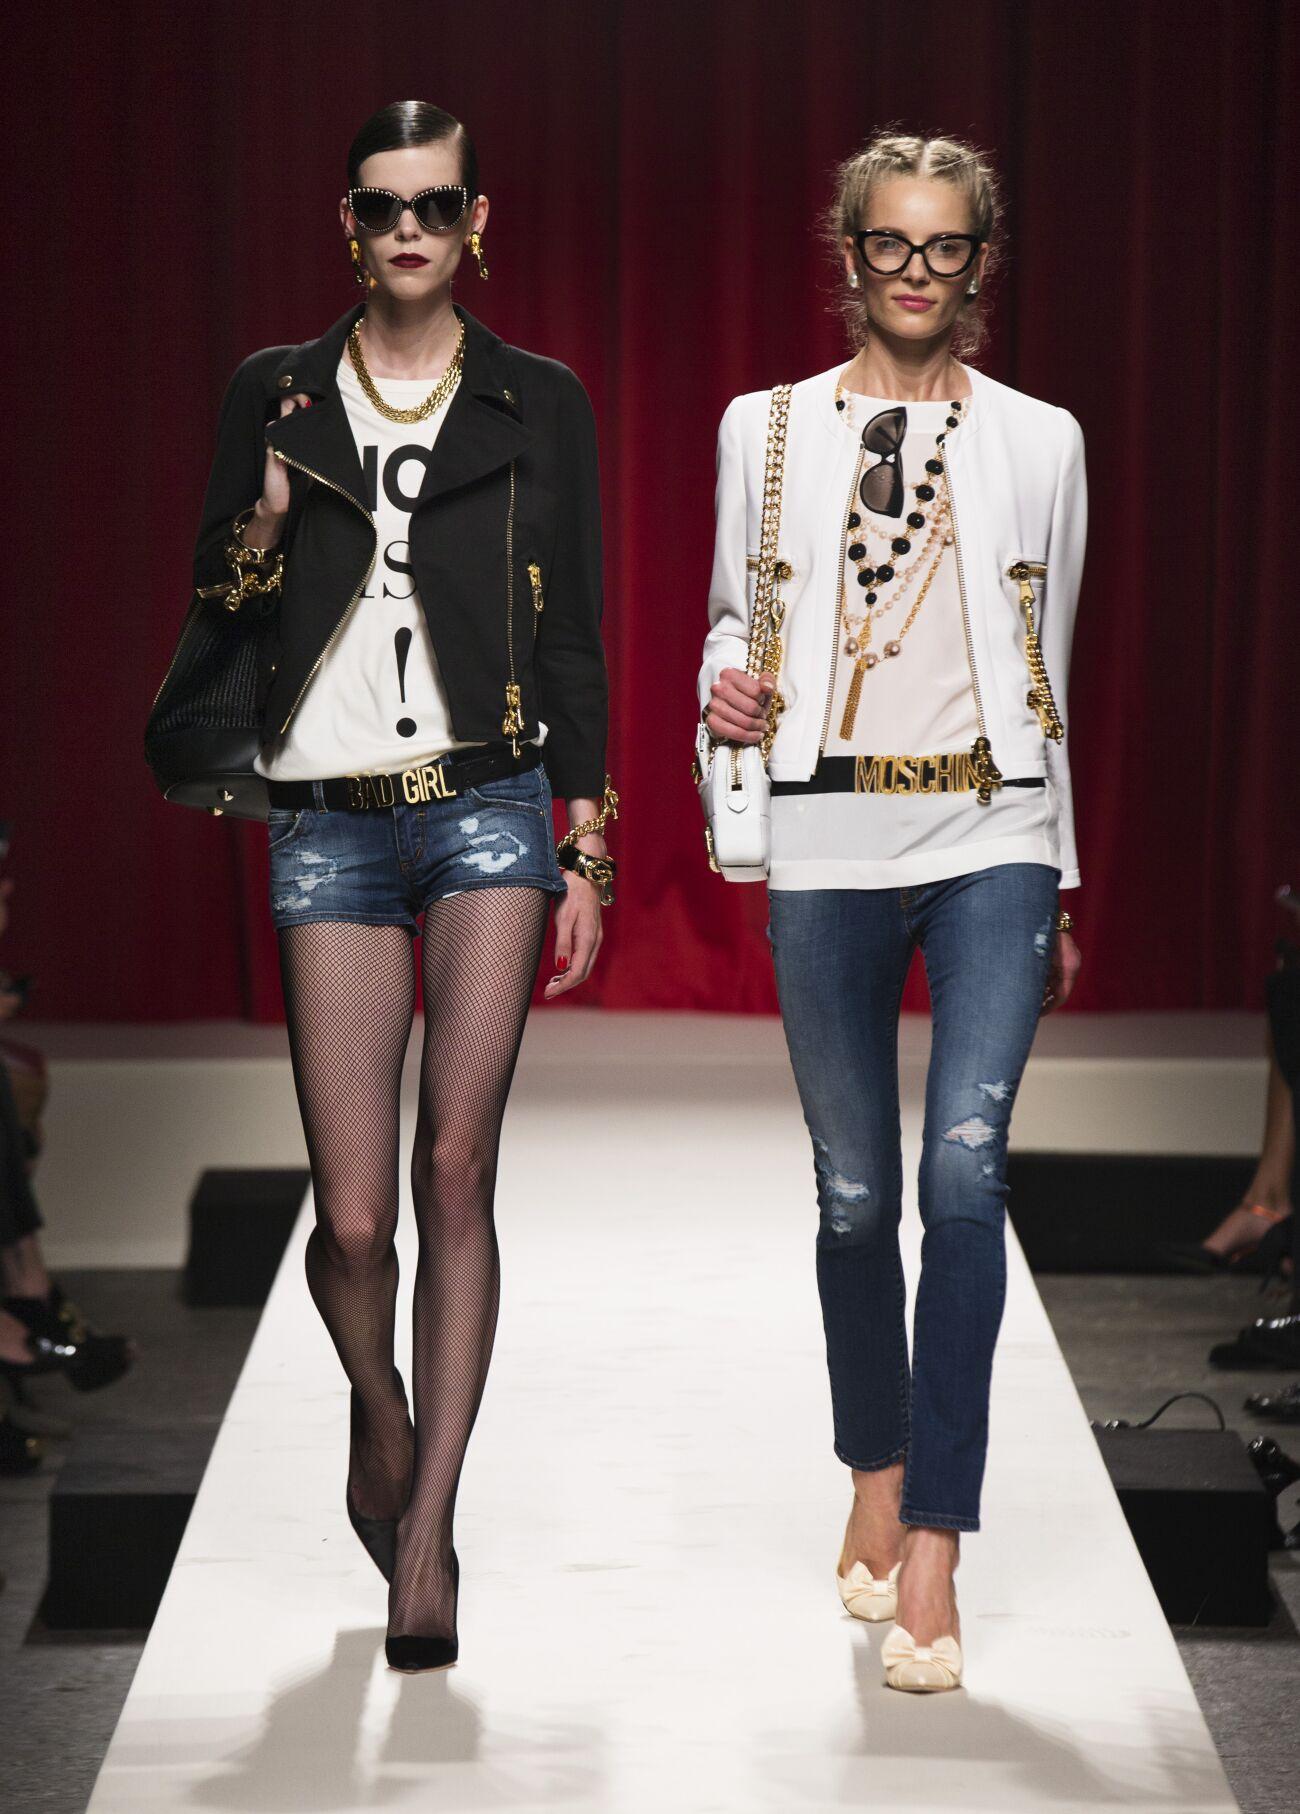 Summer 2014 Fashion Show Moschino